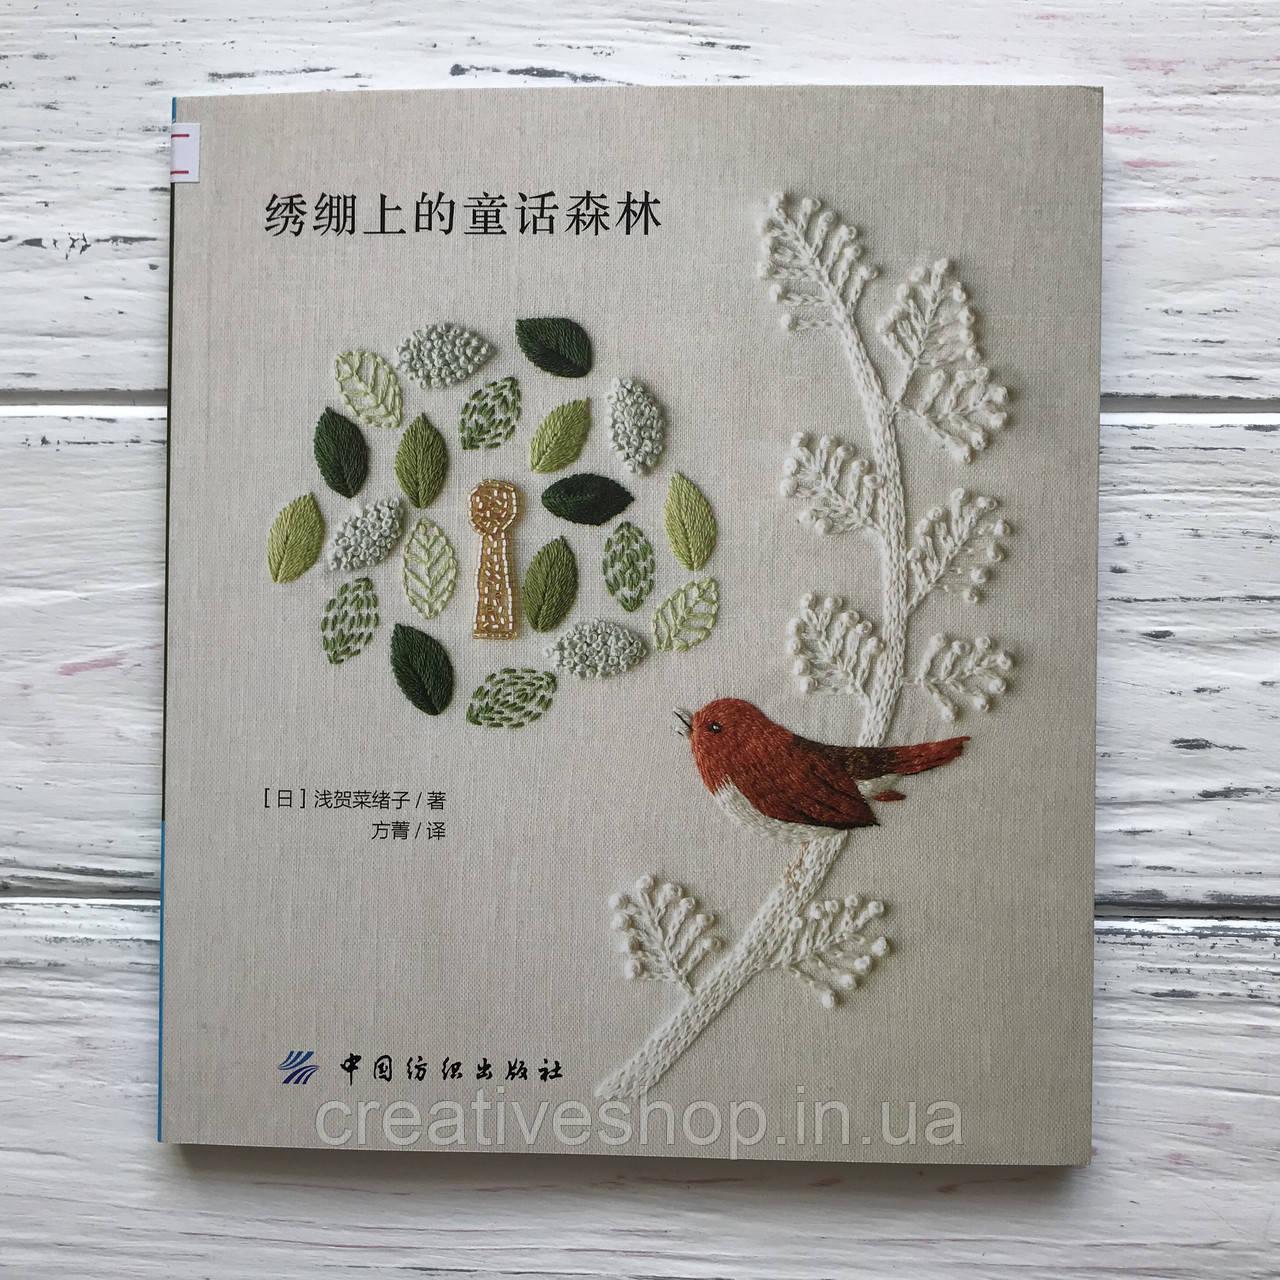 Японская книга по вышивке «Волшебный лес»